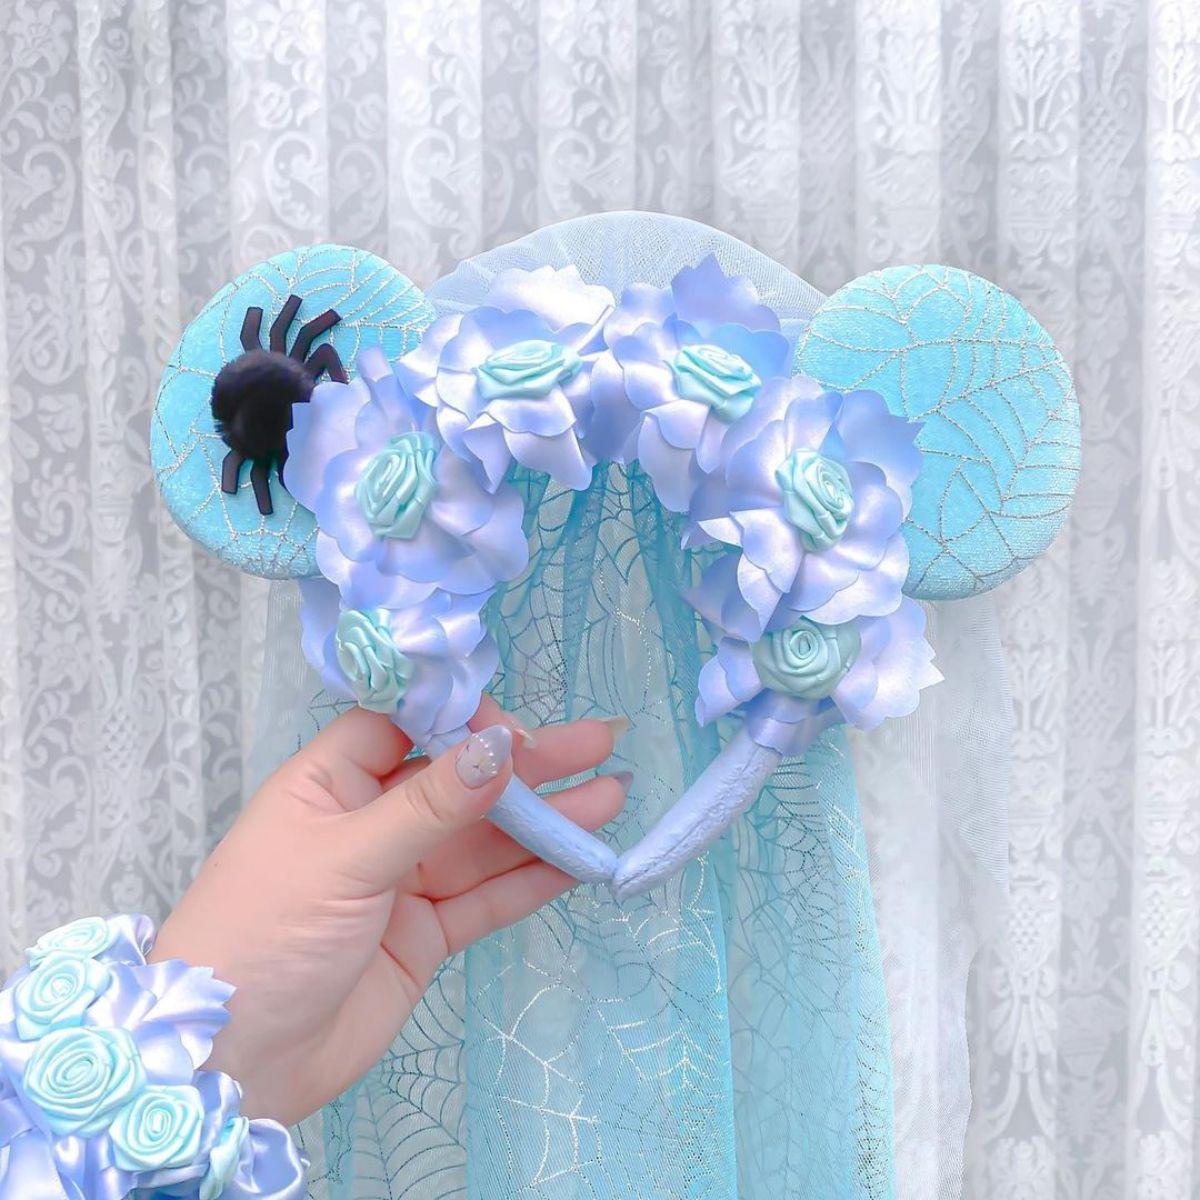 【ディズニー】鮮やかなブルーの「花嫁カチューシャ」は今年だけ!かわいすぎるデザインは逃したら後悔しそう